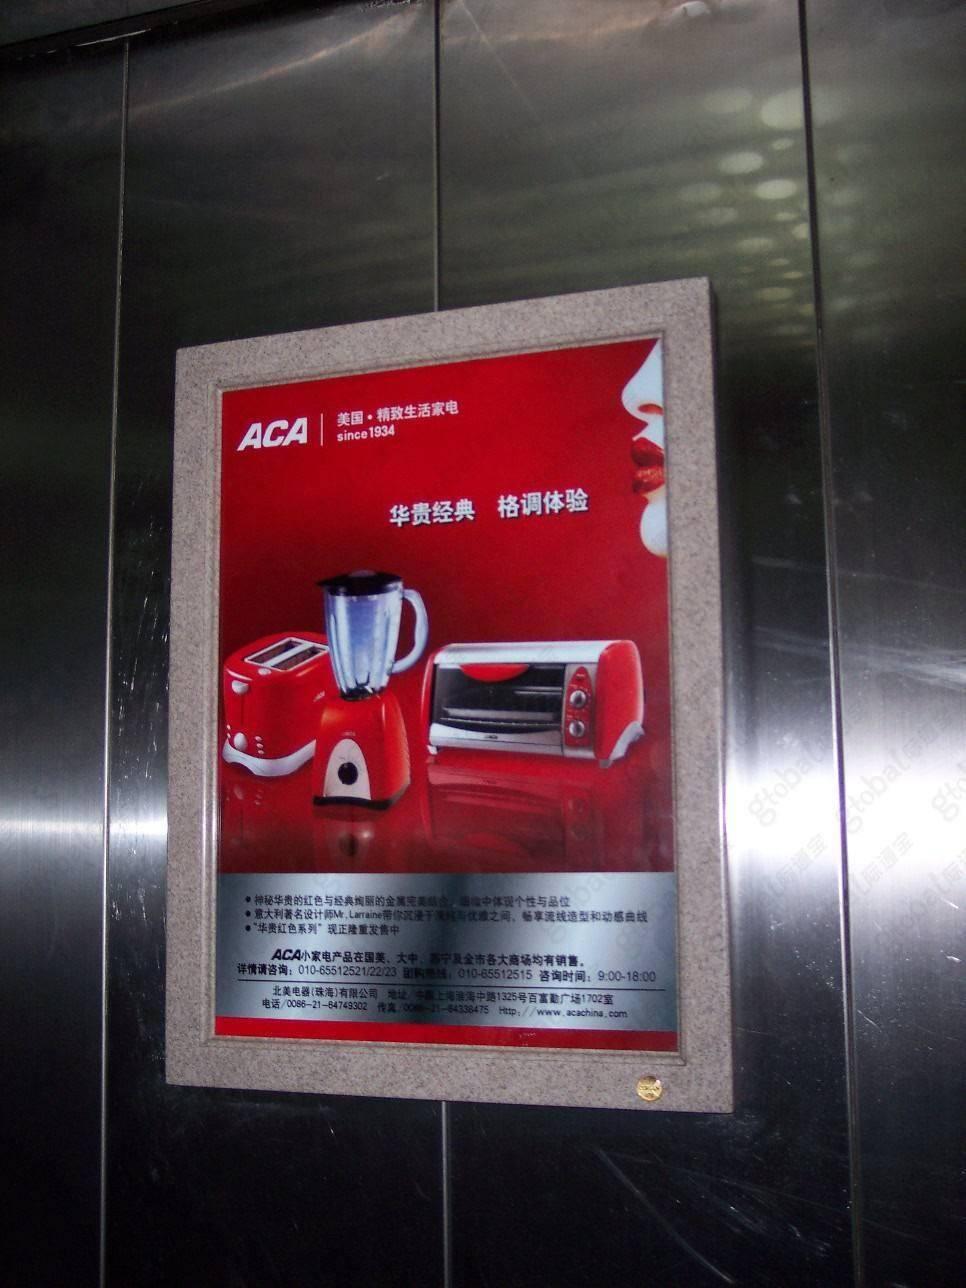 新余电梯广告公司广告牌框架3.0投放(100框起投)